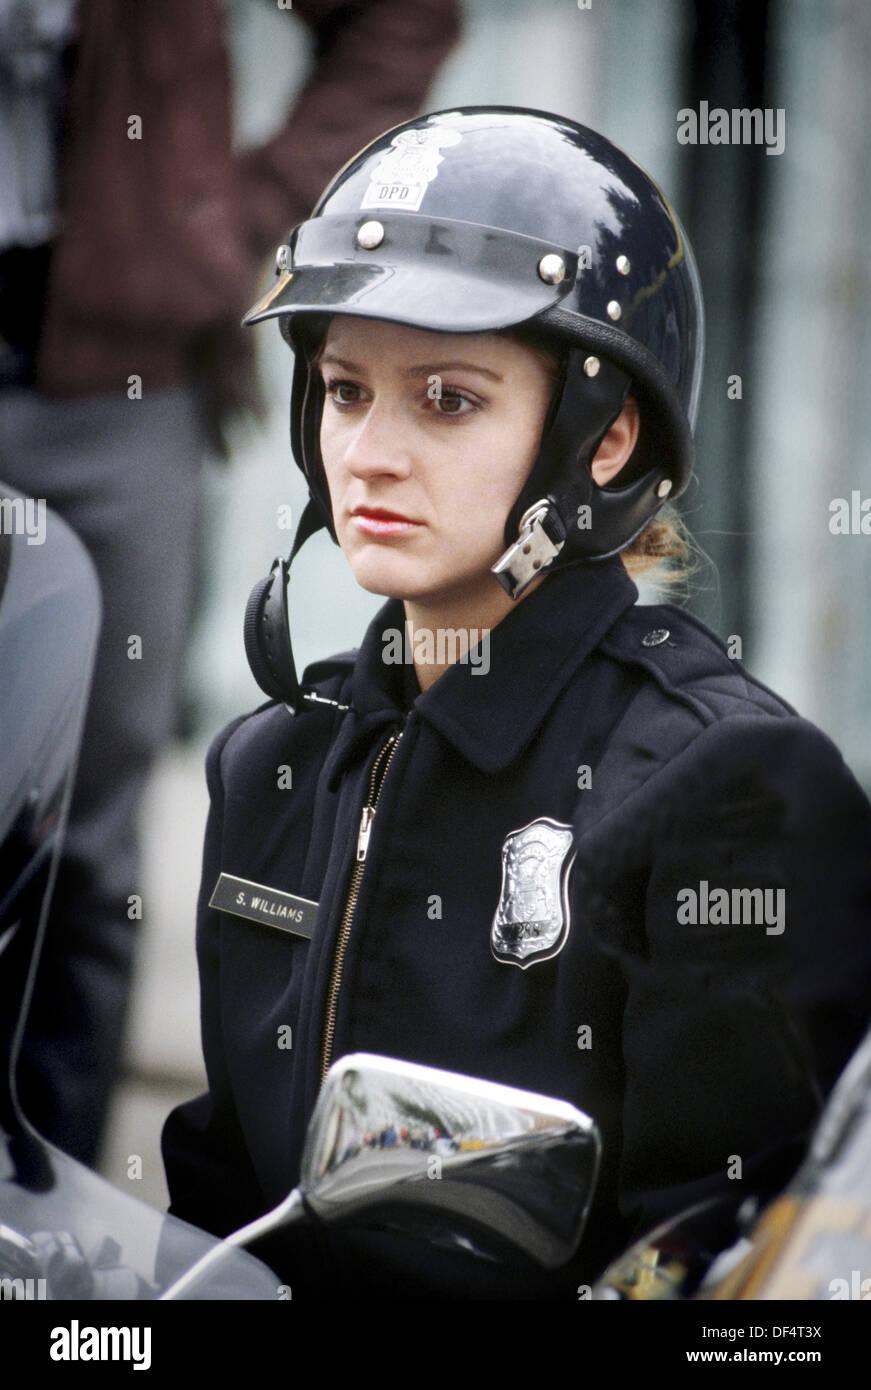 Homemade usa female police officer fucks her black nerd bf 10